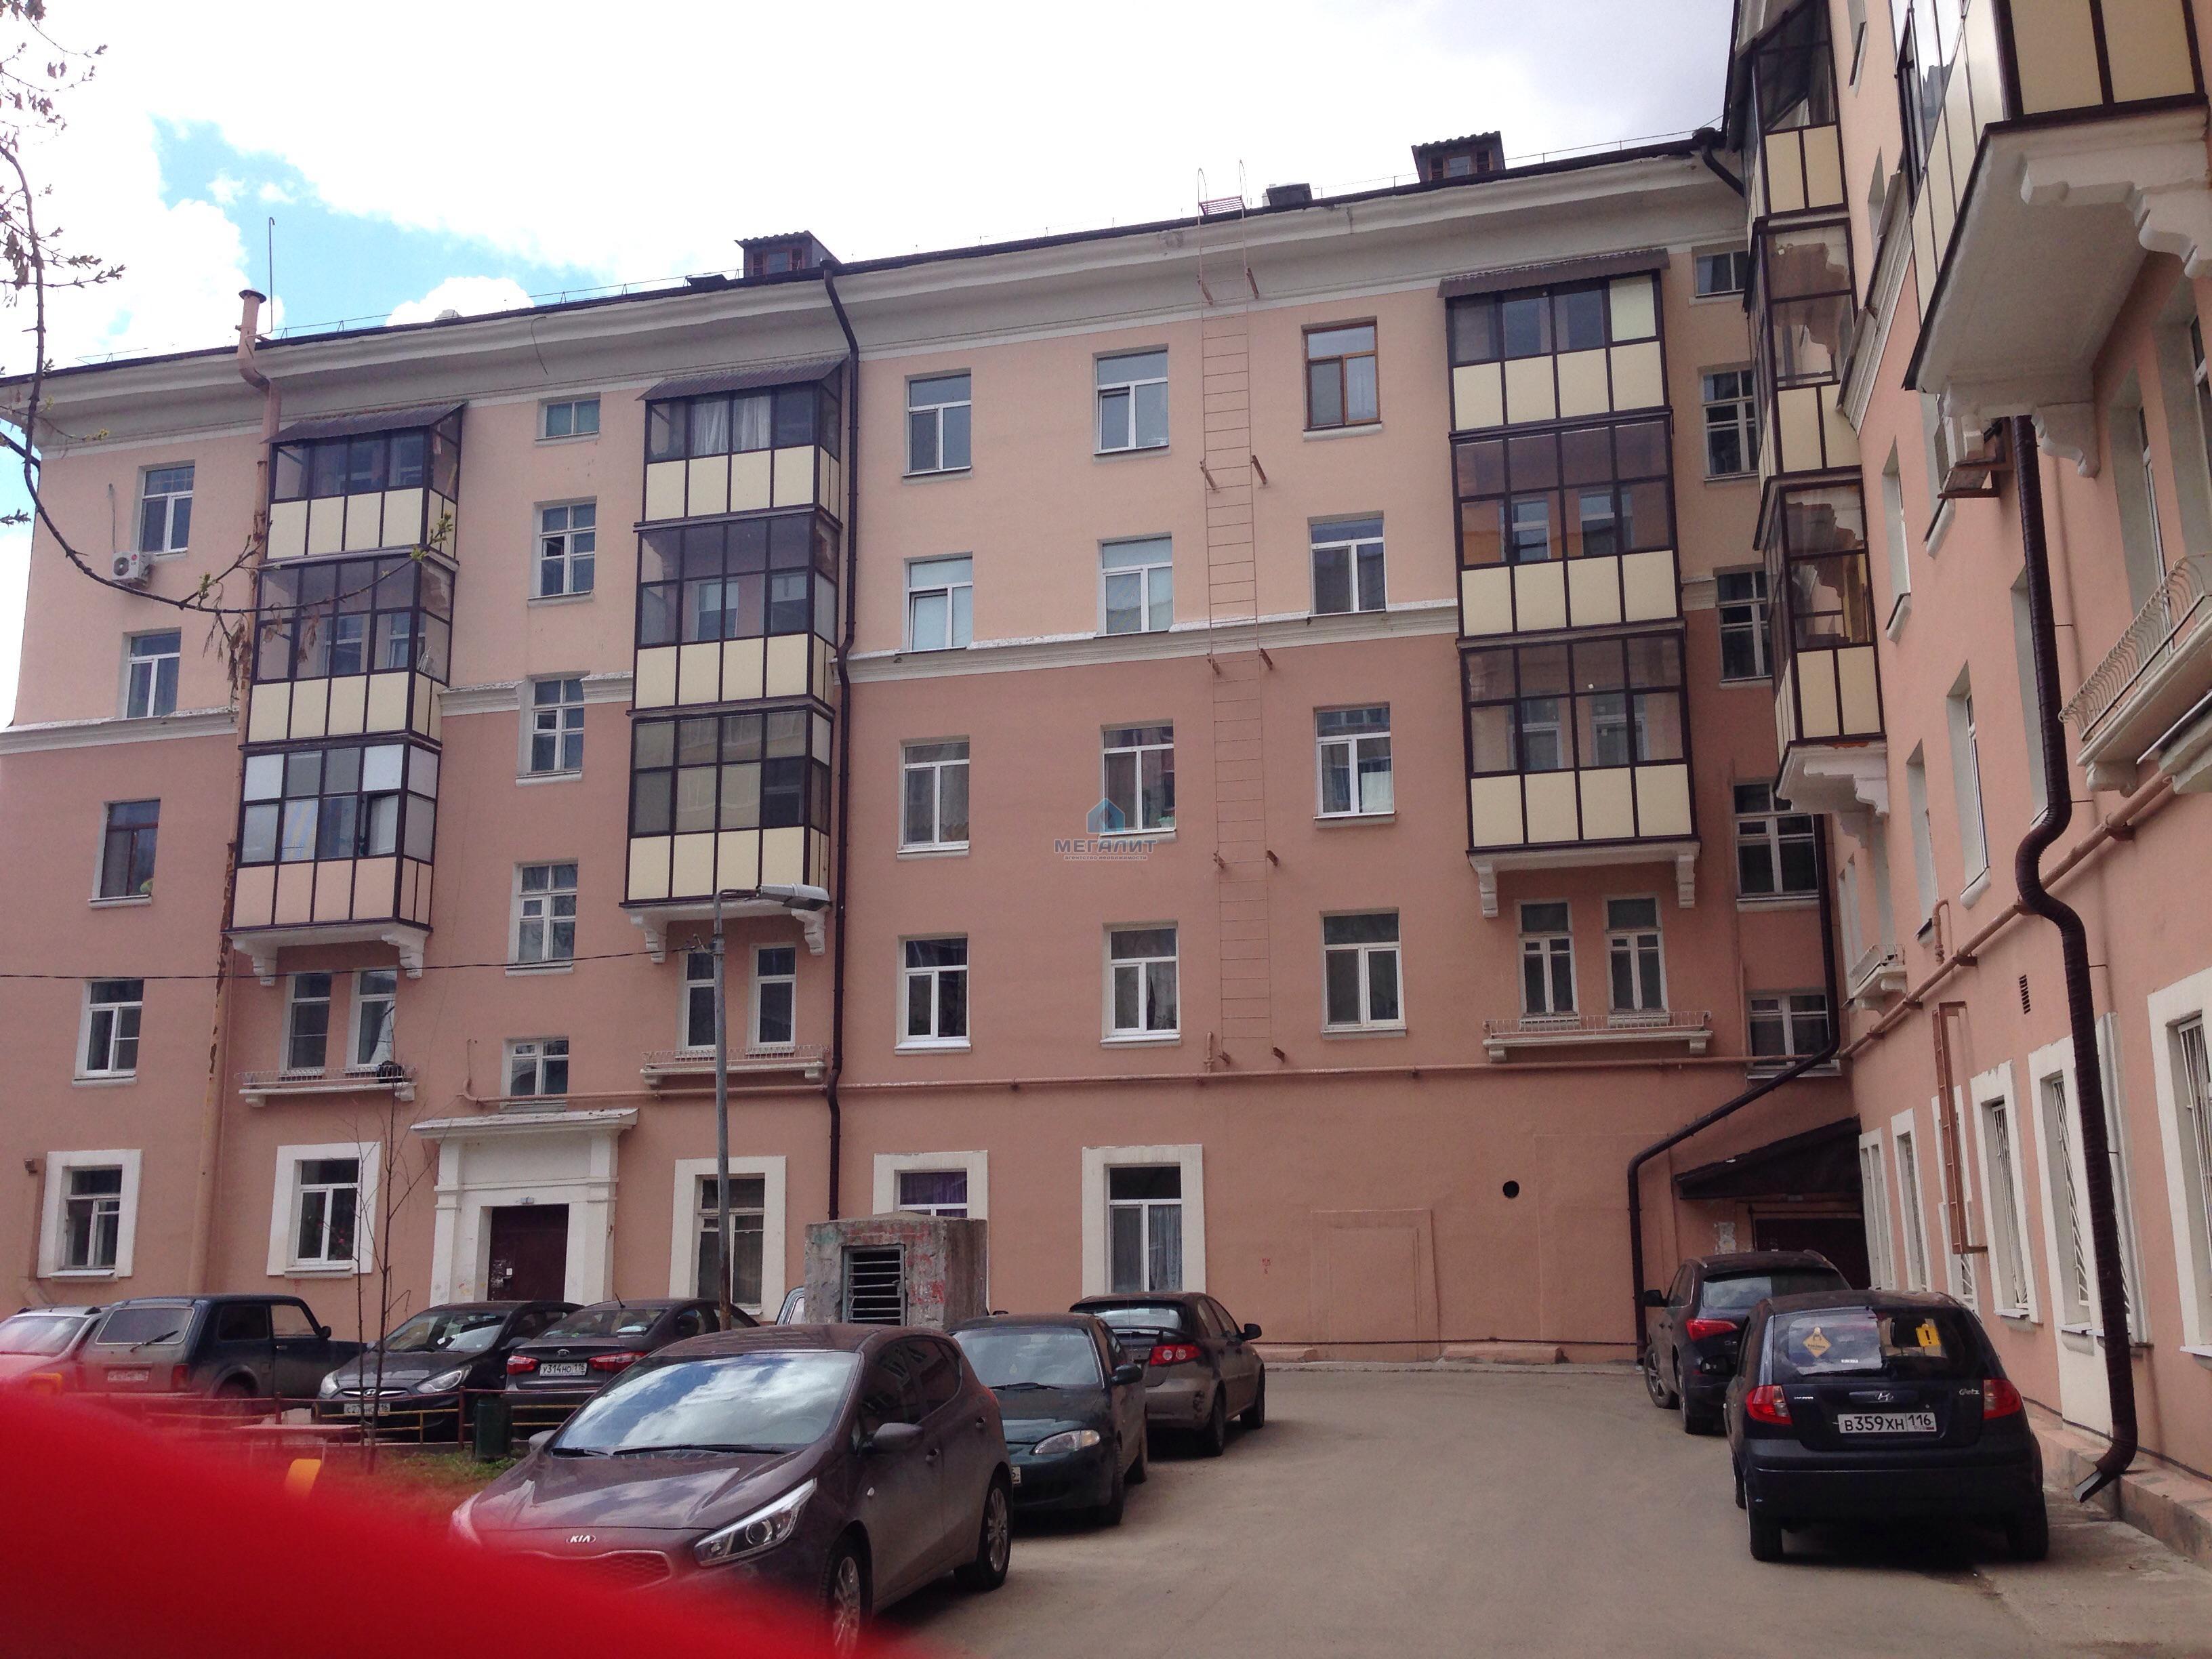 Продажа 2-к квартиры Нурсултана Назарбаева 9/2, 65 м2  (миниатюра №4)